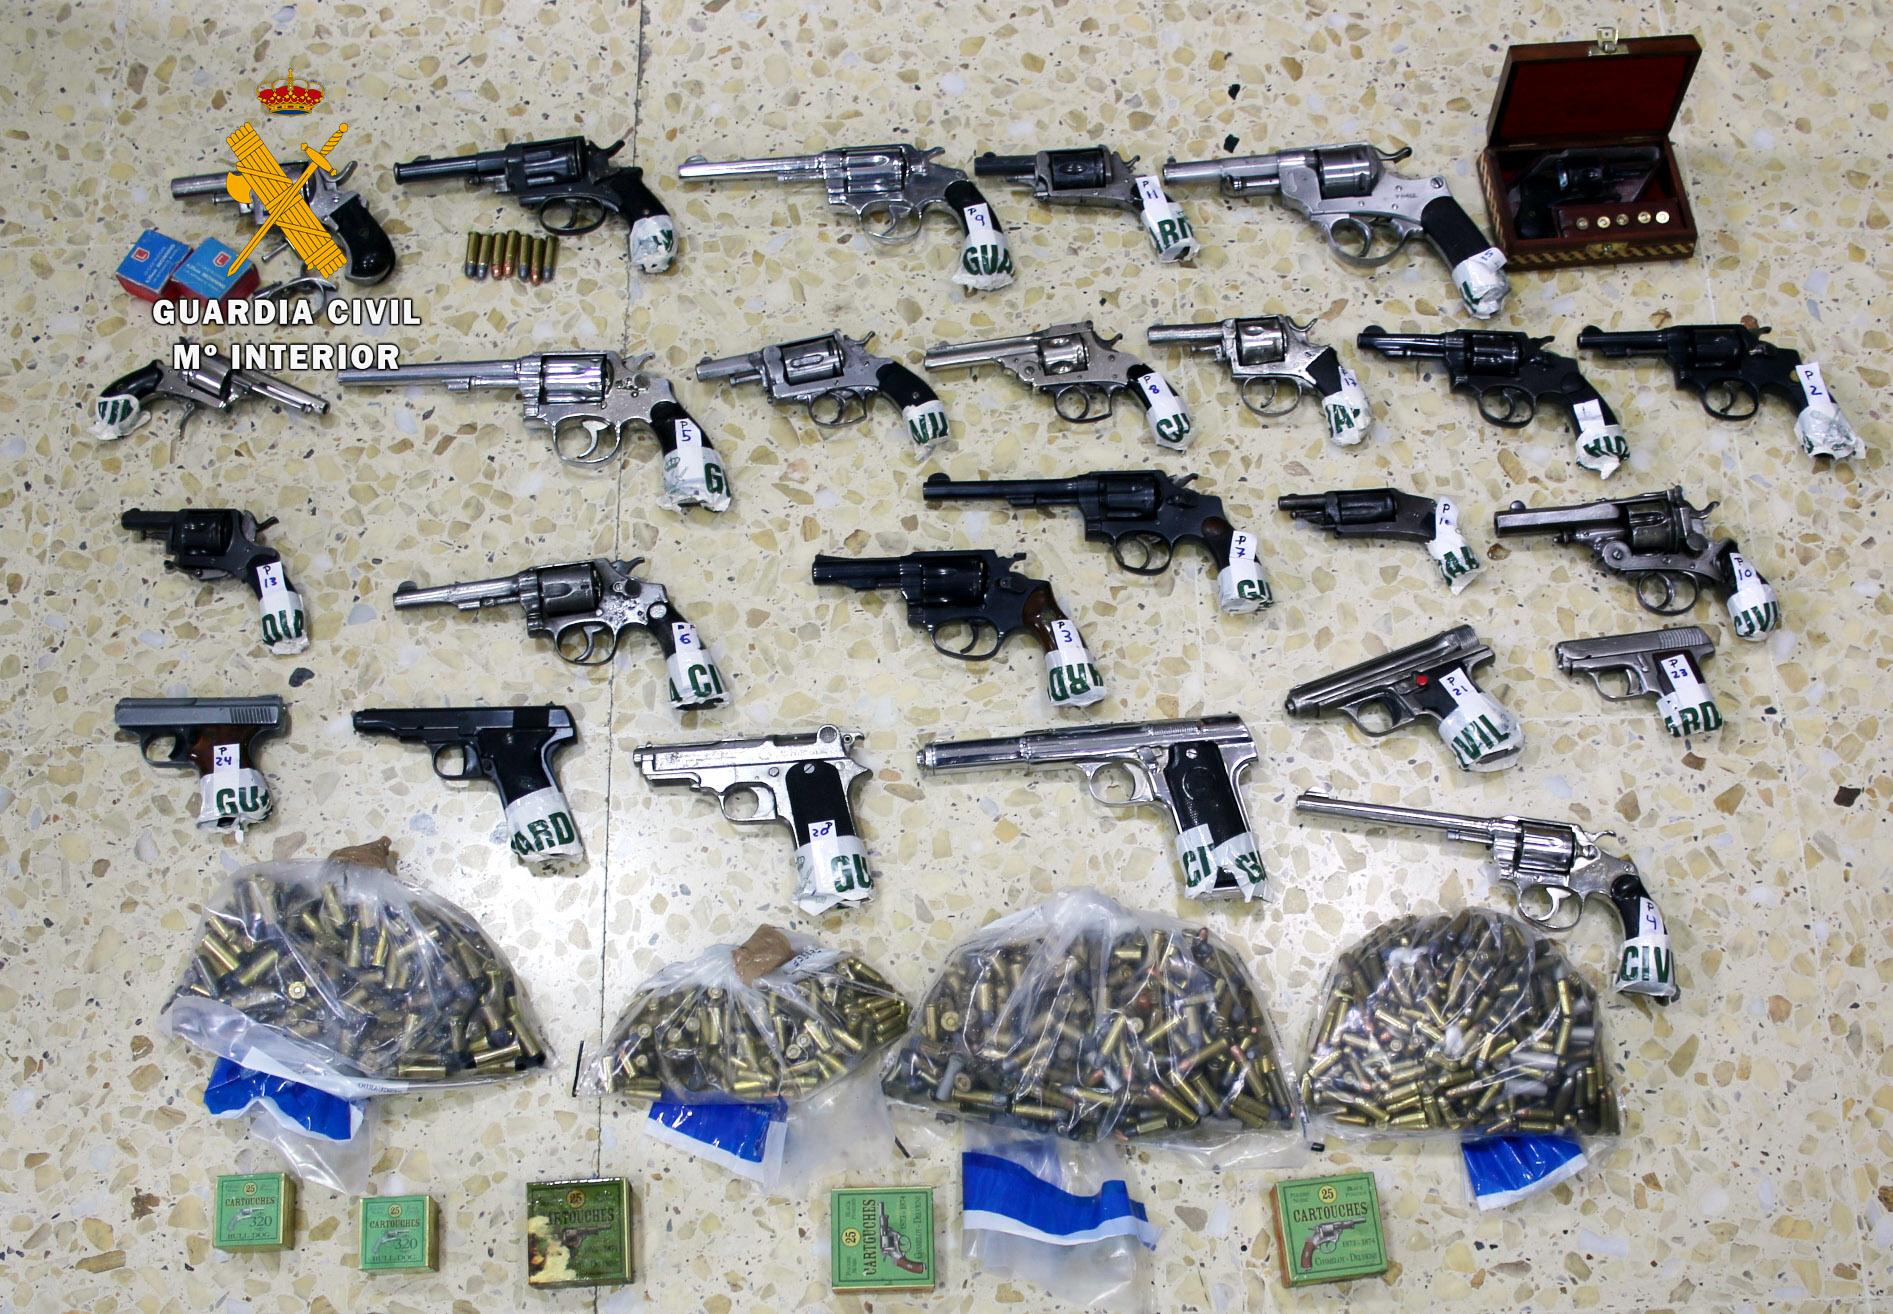 La Guardia Civil incauta cerca de 200 armas de fuego en Cantabria